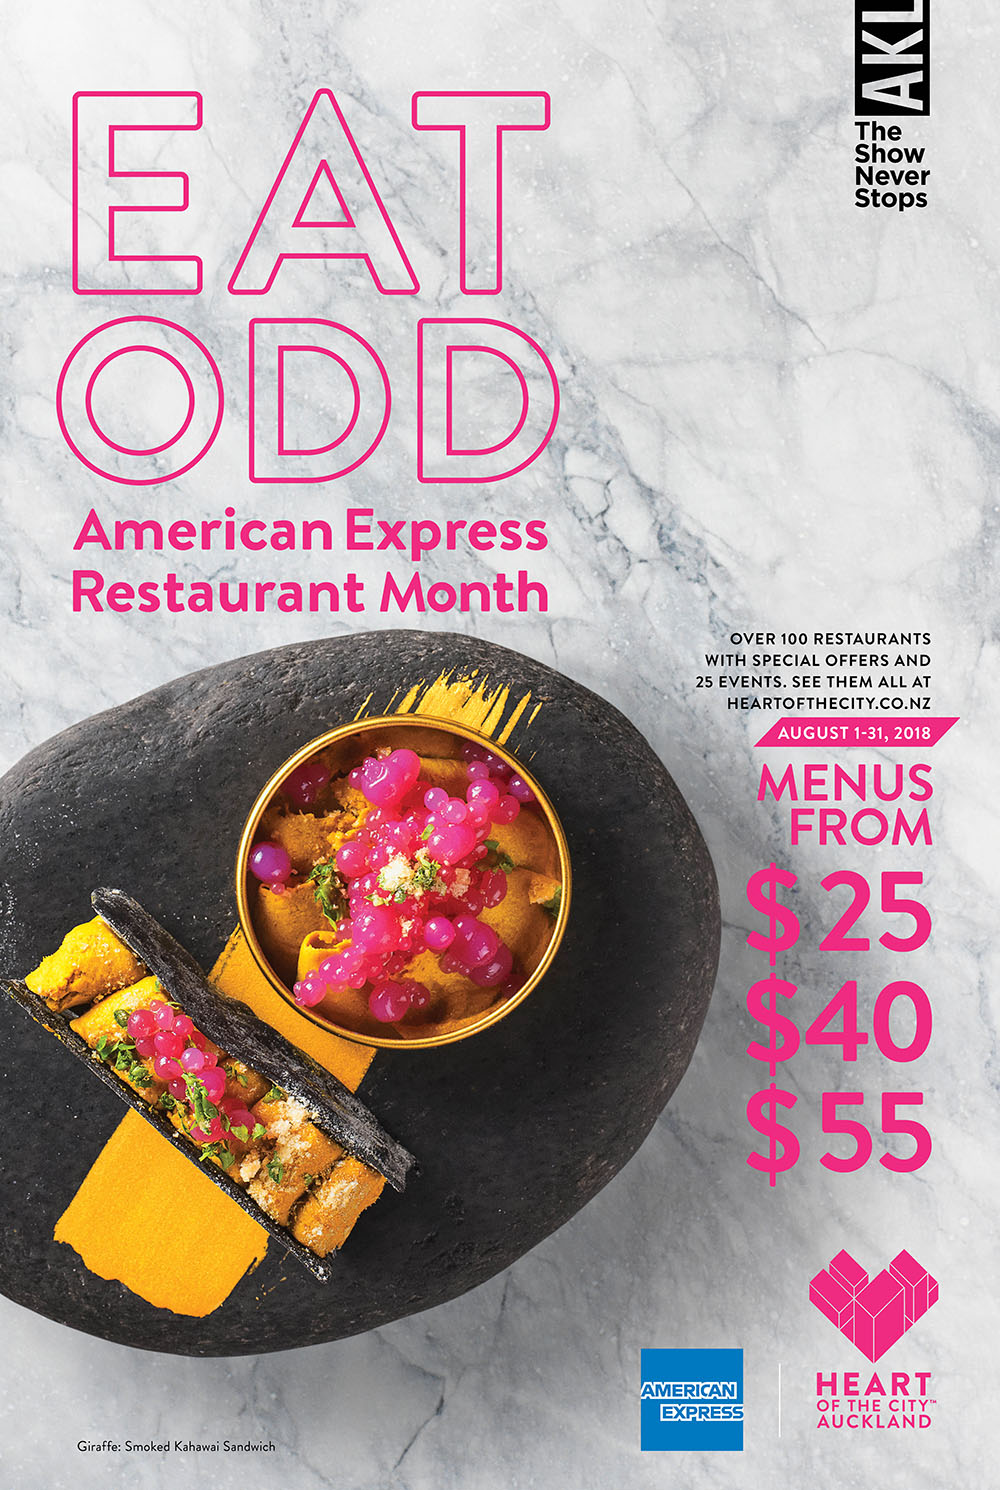 HOC1582_Restaurant Month_2018_OOH_Adshel_metrolite_GIRAFFE.jpg